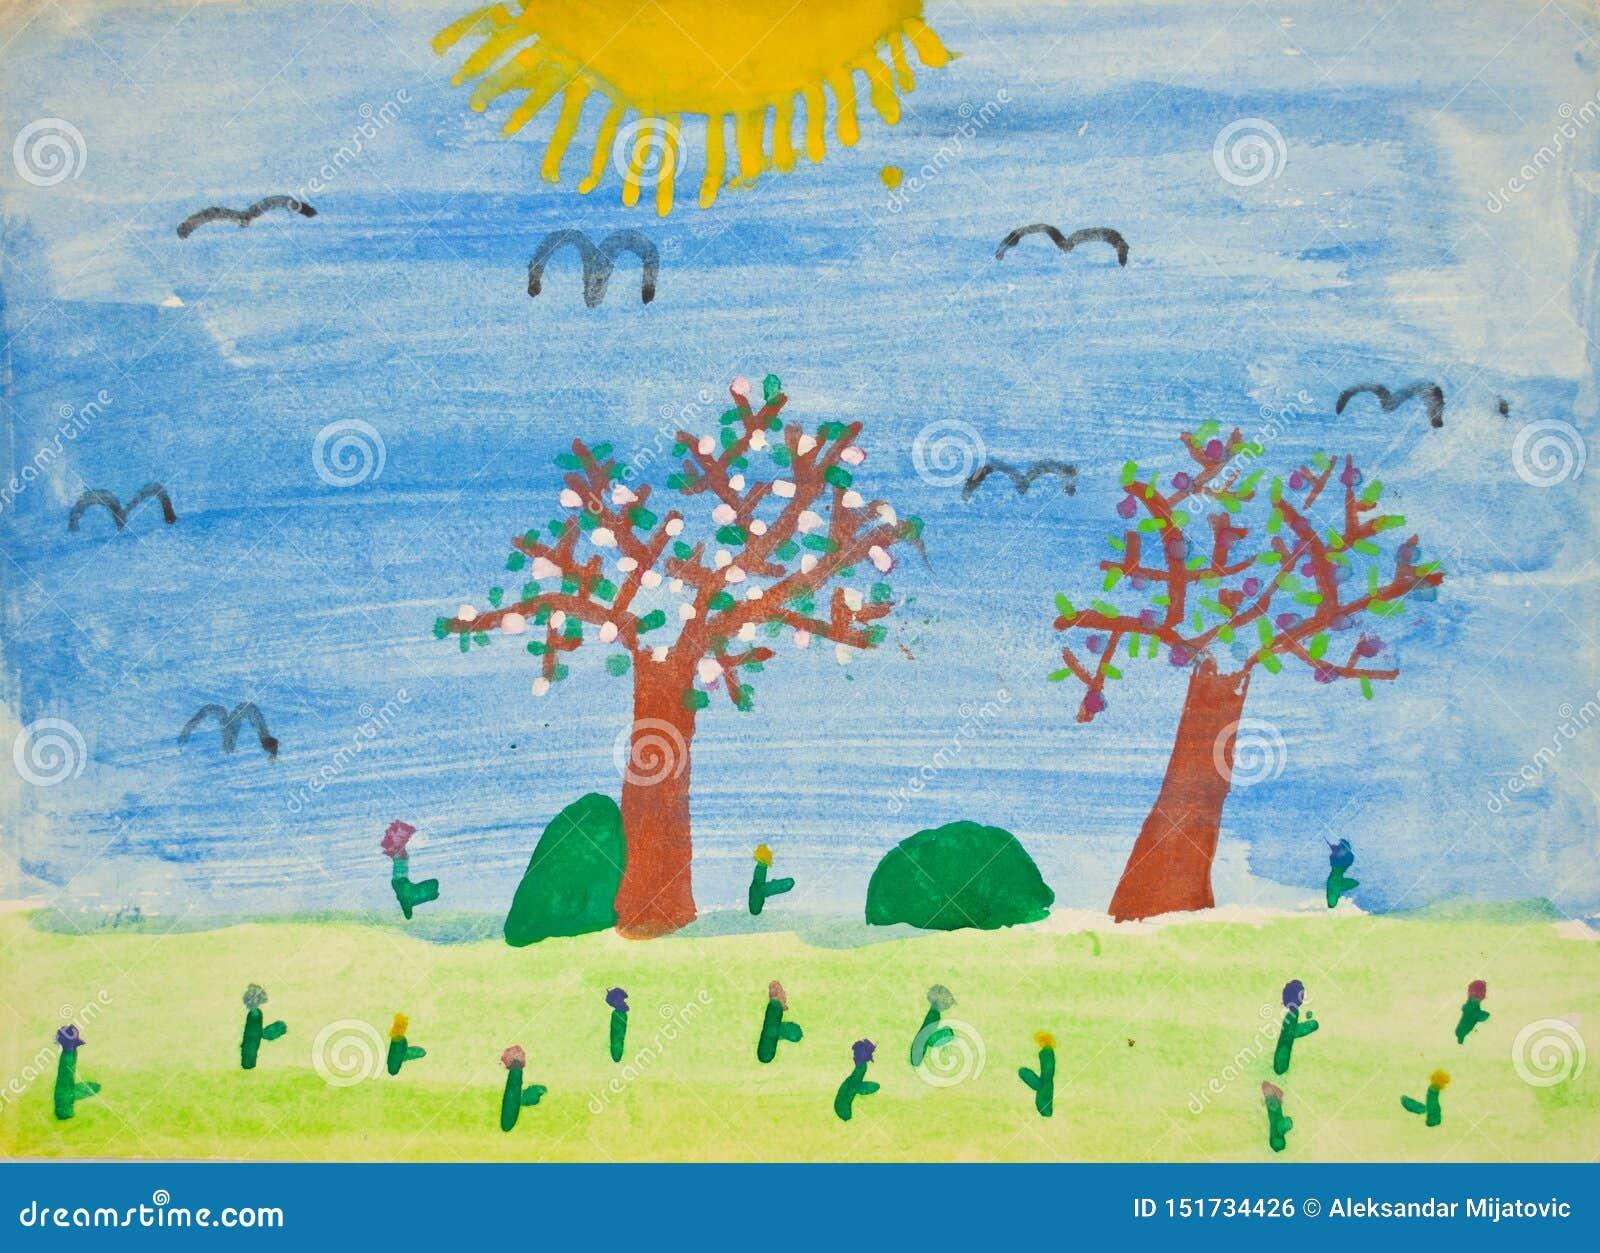 La Peinture De L Enfant D Ecole Maternelle Photo Stock Image Du Peinture Ecole 151734426